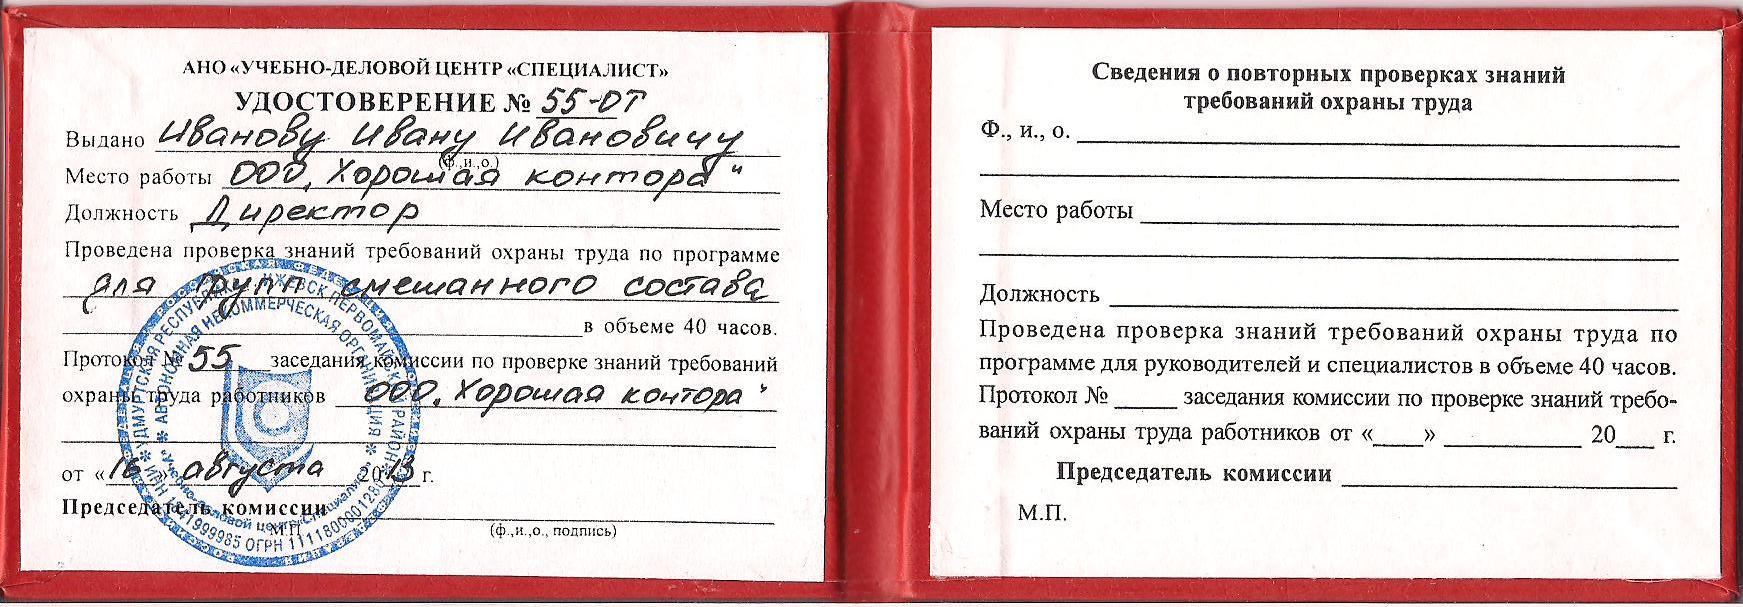 удостоверение по охране труда образец фото